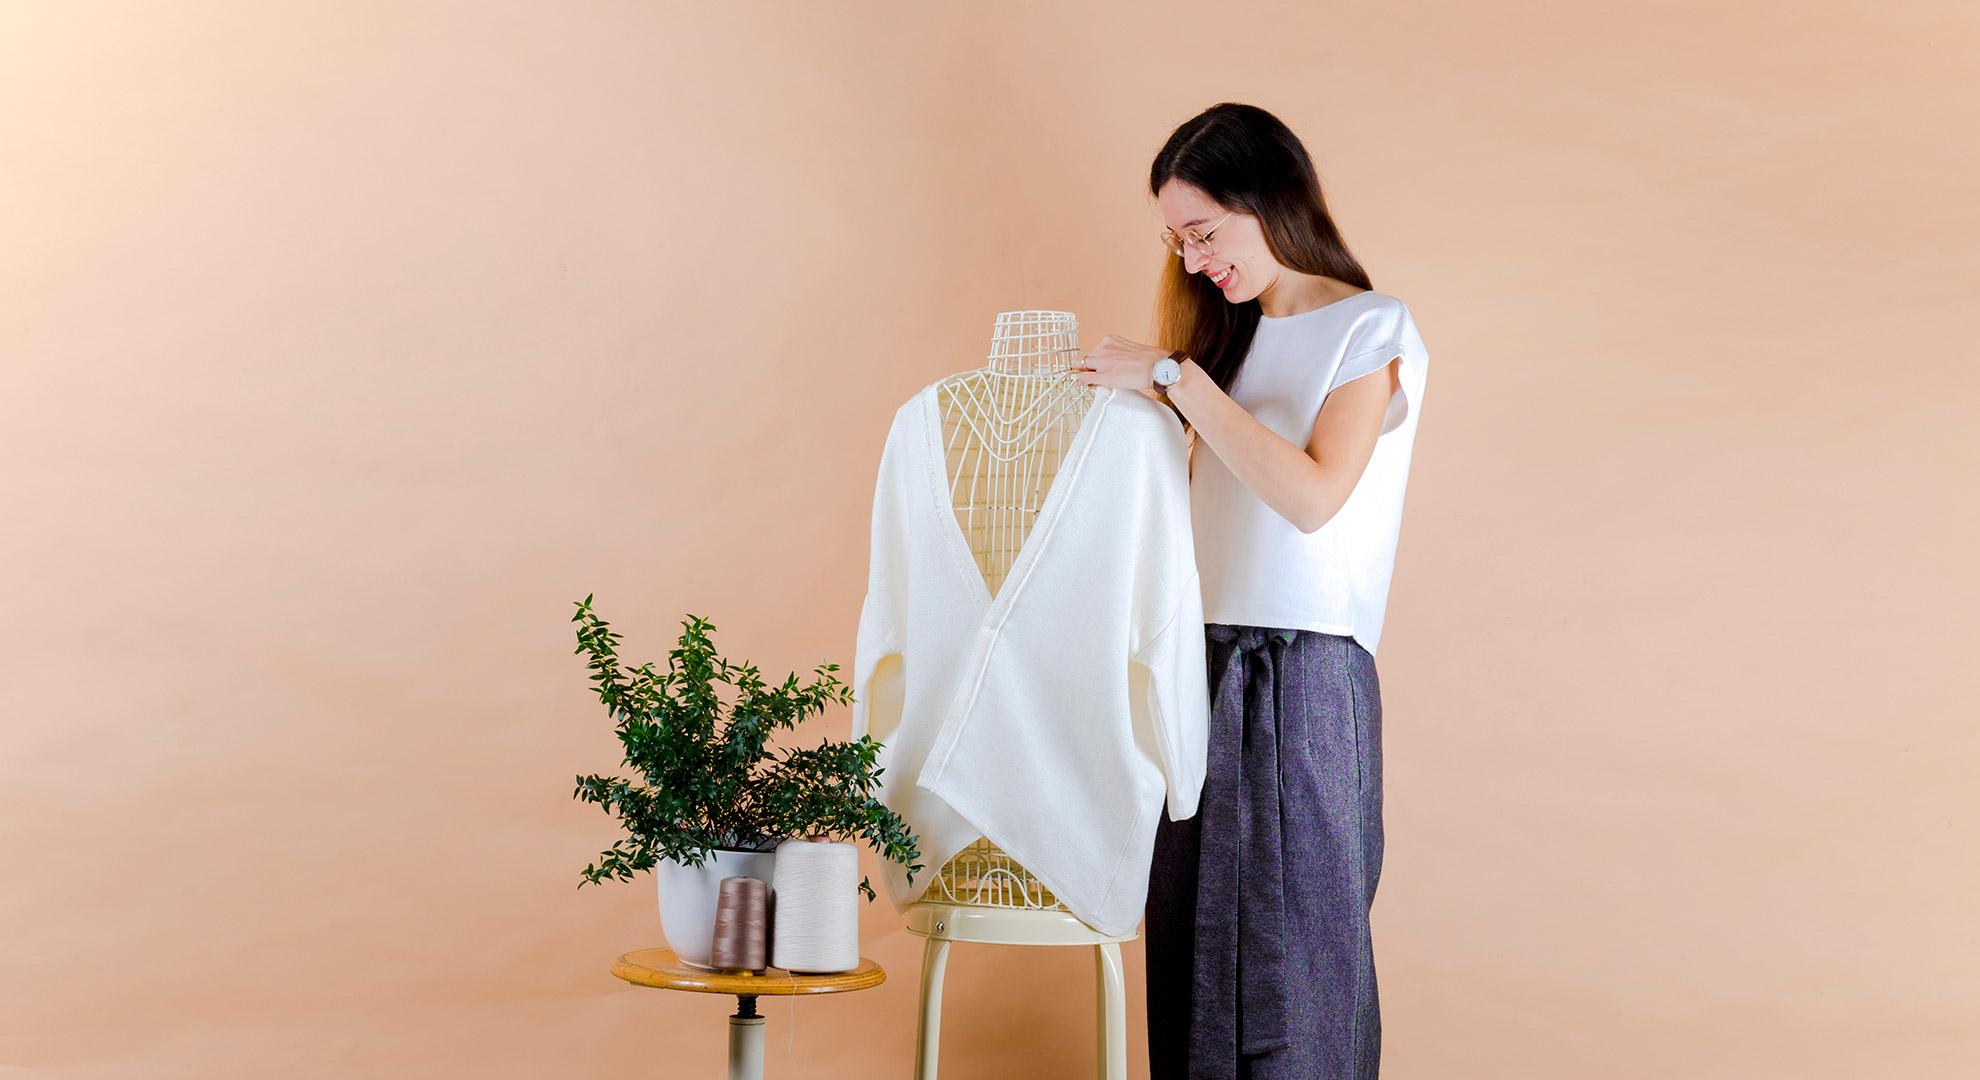 Gloria barana la creatrice di Filotimo abiti in tessuti naturali chi siamo